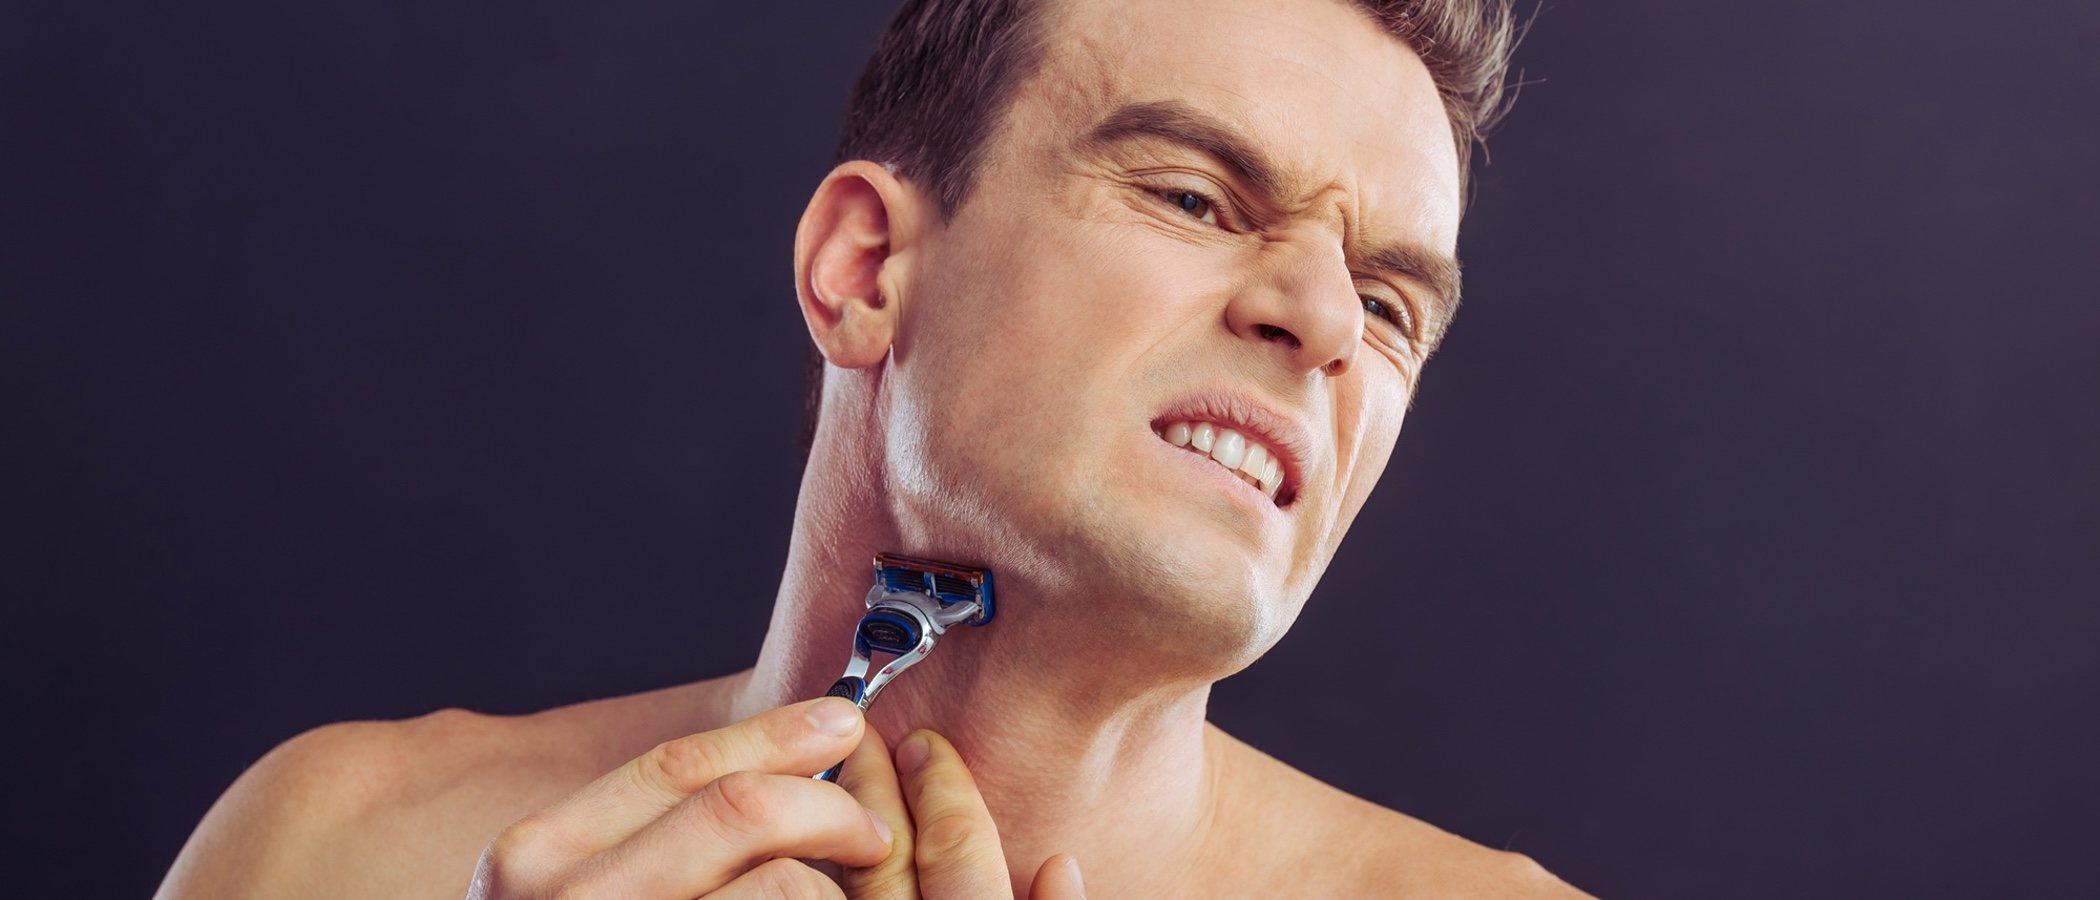 irritación del afeitado